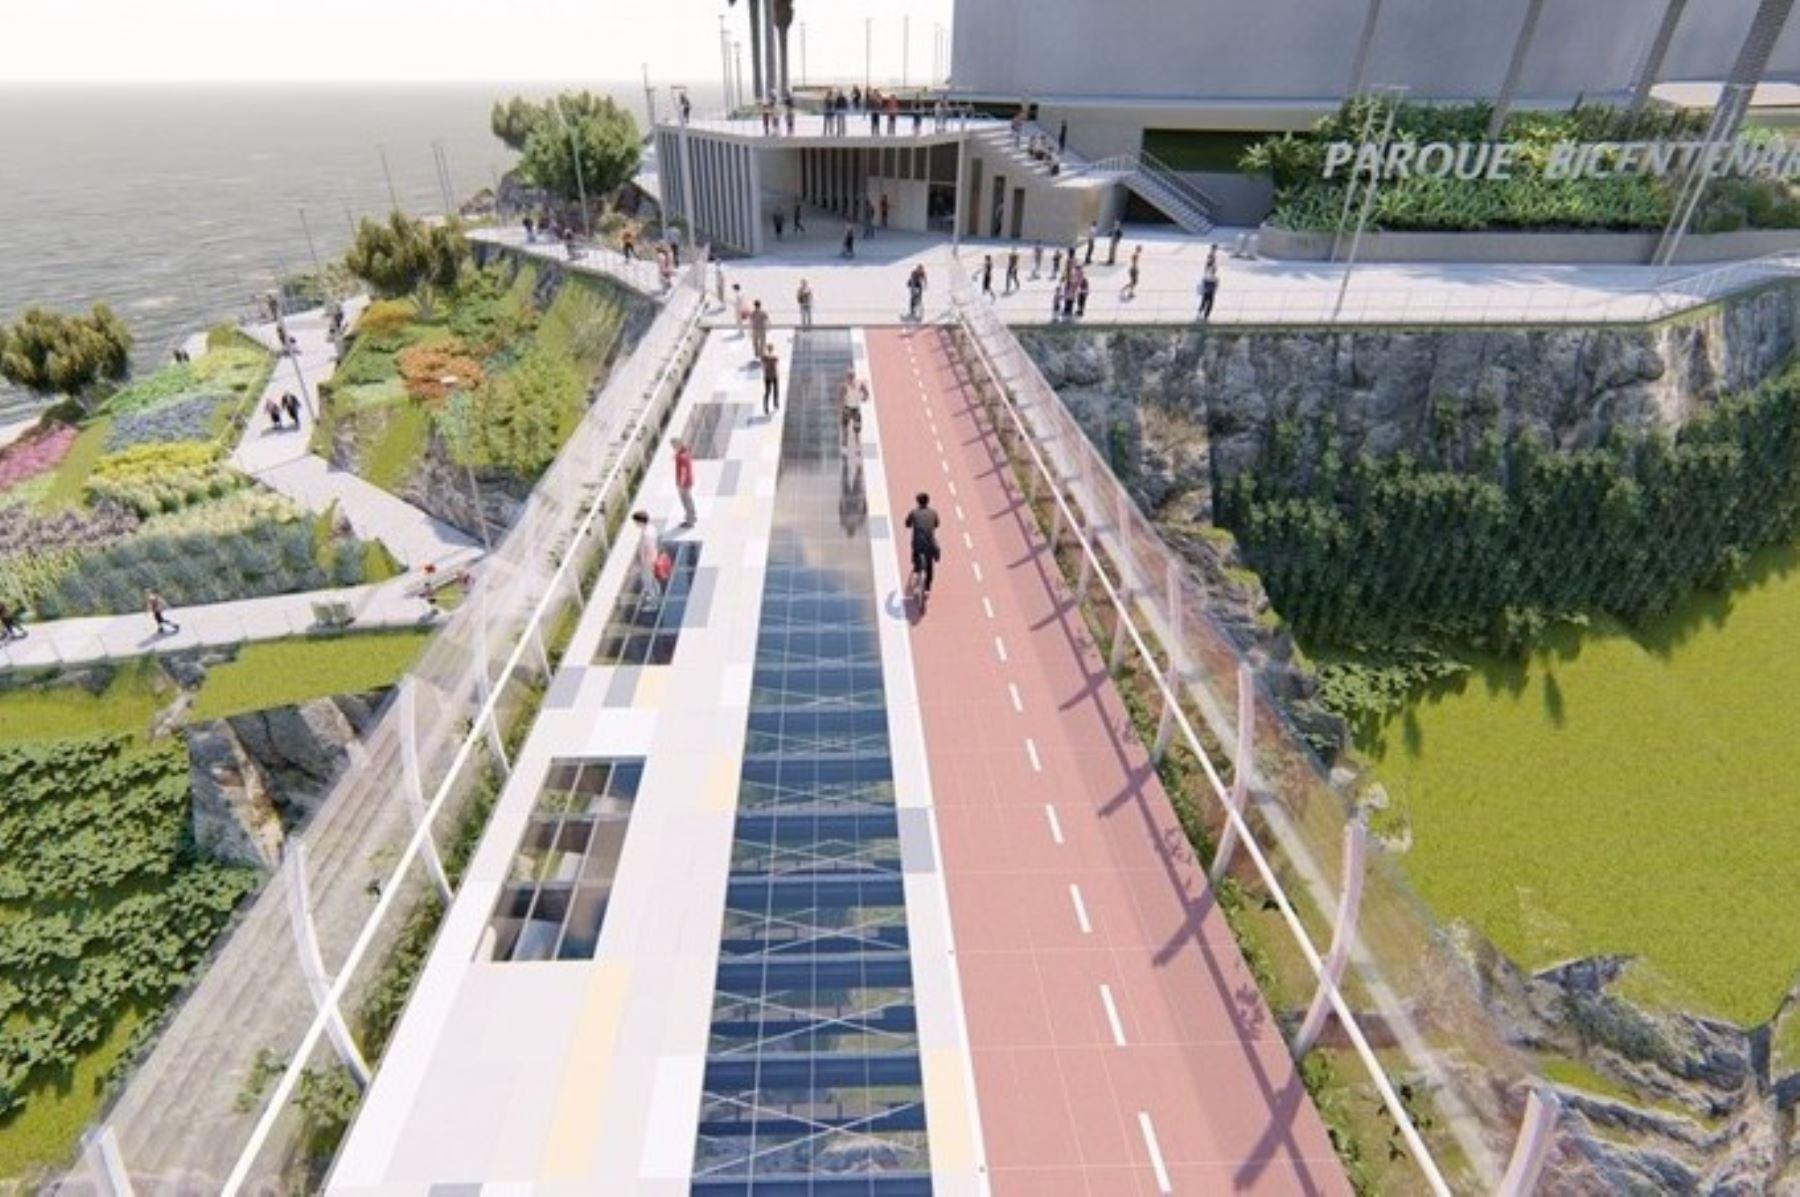 Puente Bicentenario está destinado a convertirse en principal atractivo turístico de Lima. Foto: ANDINA/difusión.